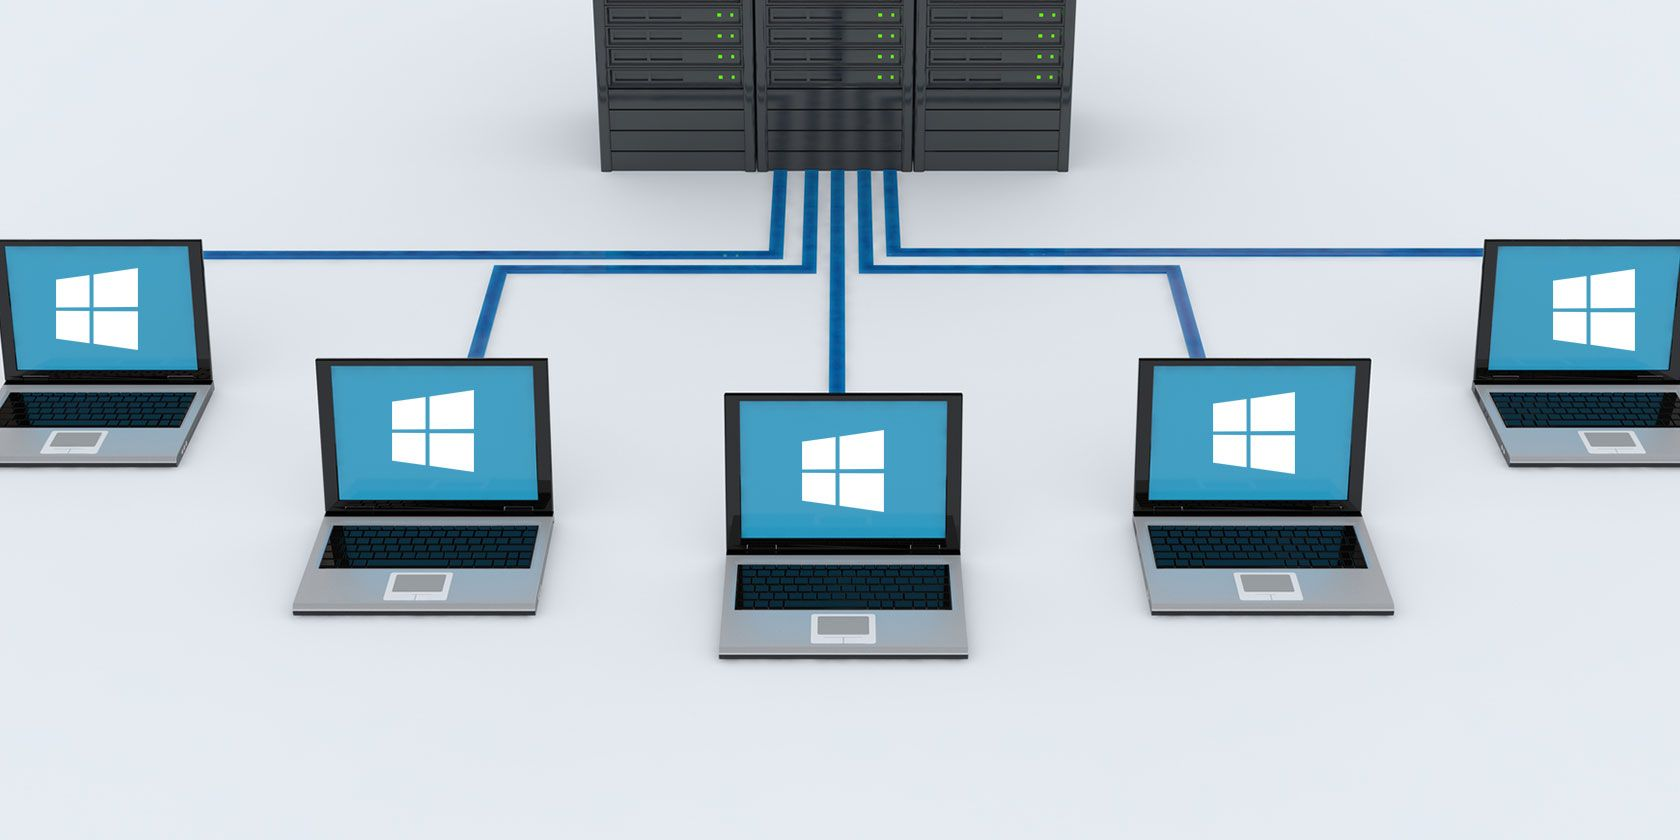 دامنه ی ویندوز (Windows Domain) کلاینت-سرور